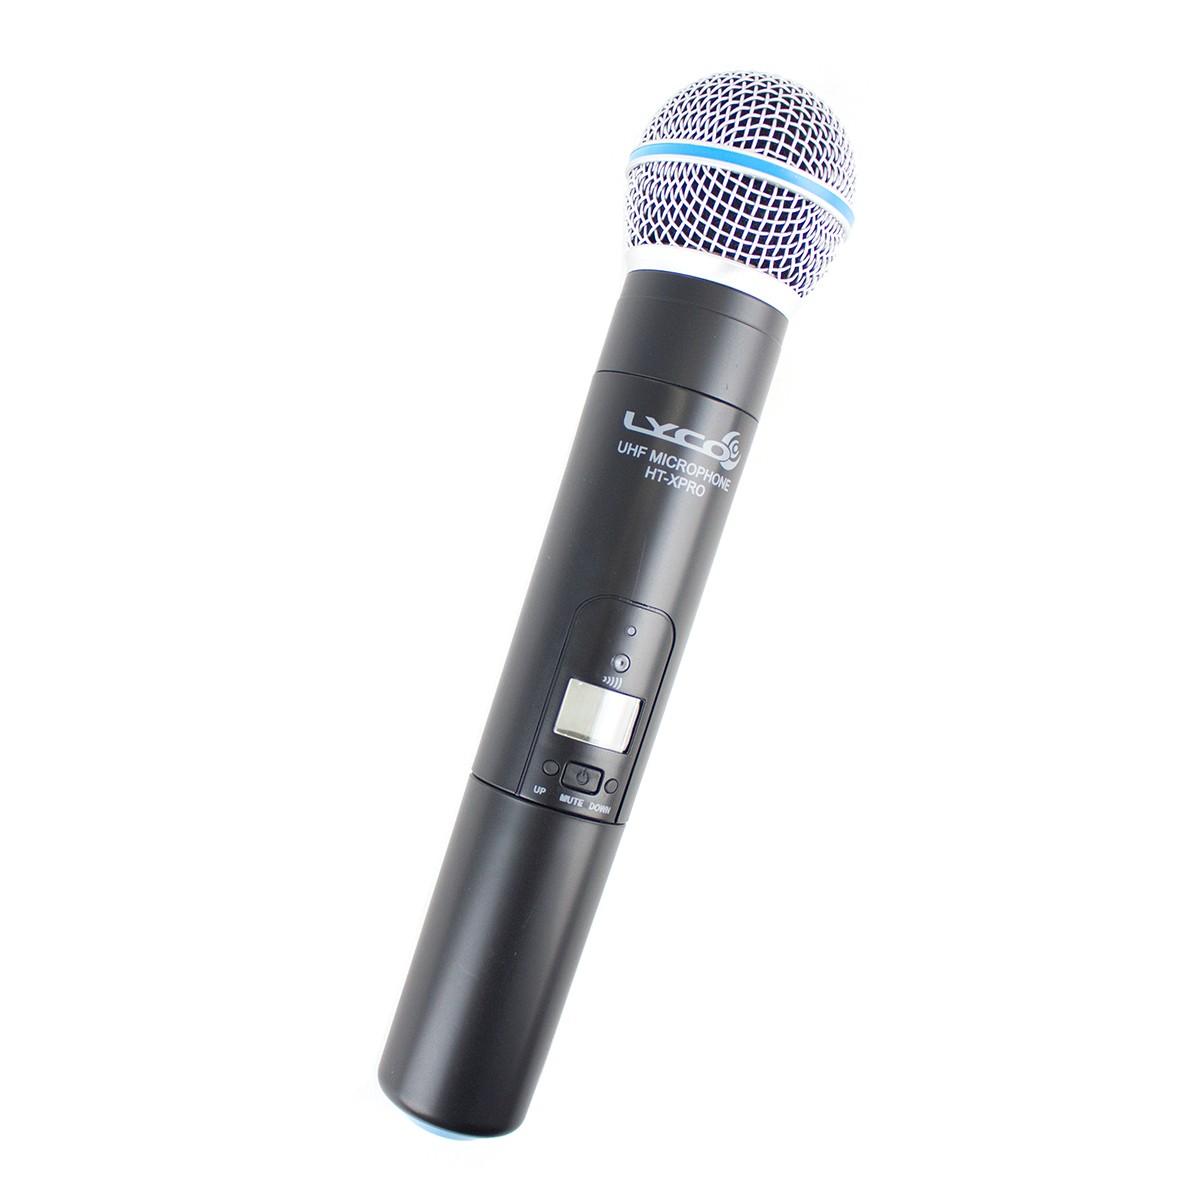 Microfone s/ Fio de Mão UHF UHX PRO 01 M - Lyco